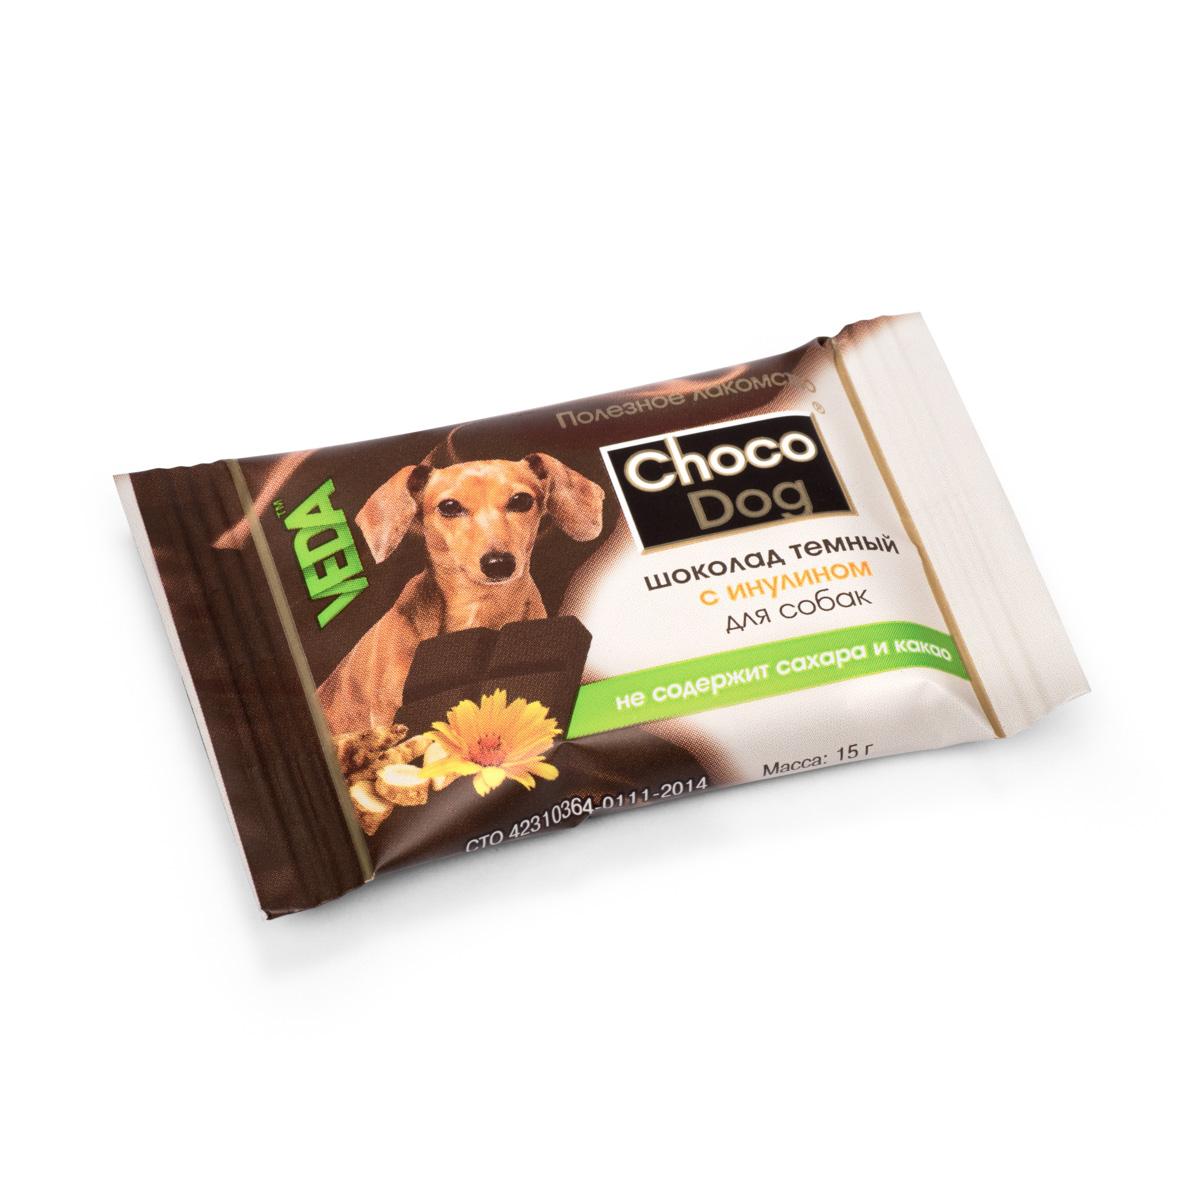 Choco Dog шоколад темный с инулином лакомство для собак, 15г4605543006579В состав лакомств серии Шоколад с полезным наполнителем введены натуральные ингредиенты, которые известны своим полезным действием на организм: - морковь способствует профилактике сердечных и глазных заболеваний; - инулин (пребиотик) поддерживает полезную микрофлору кишечника; - рис благодаря наличию витаминов группы В, витамина Е, ряда микроэлементов полезен для костей, сердца и сосудов.